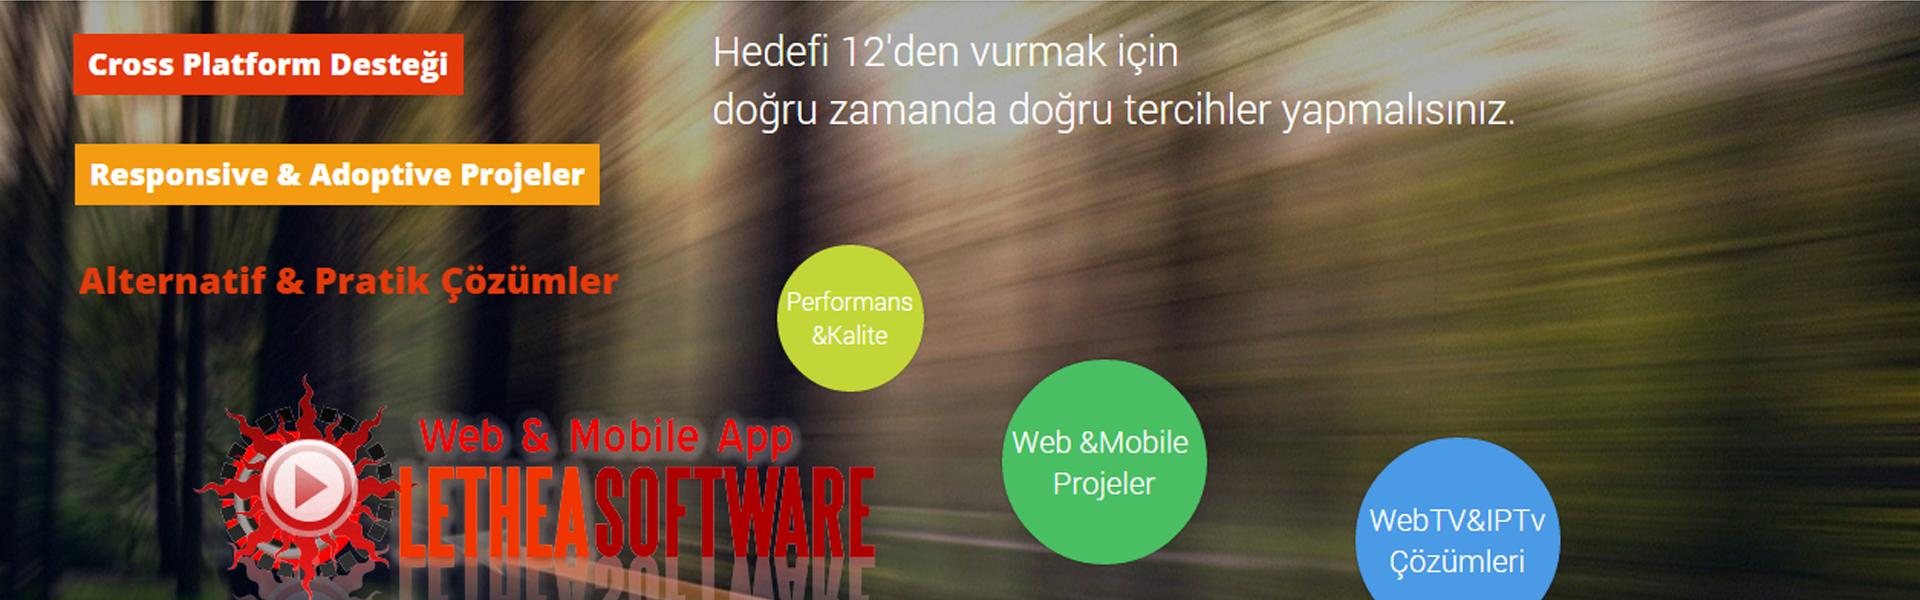 Lethea Software Yayında